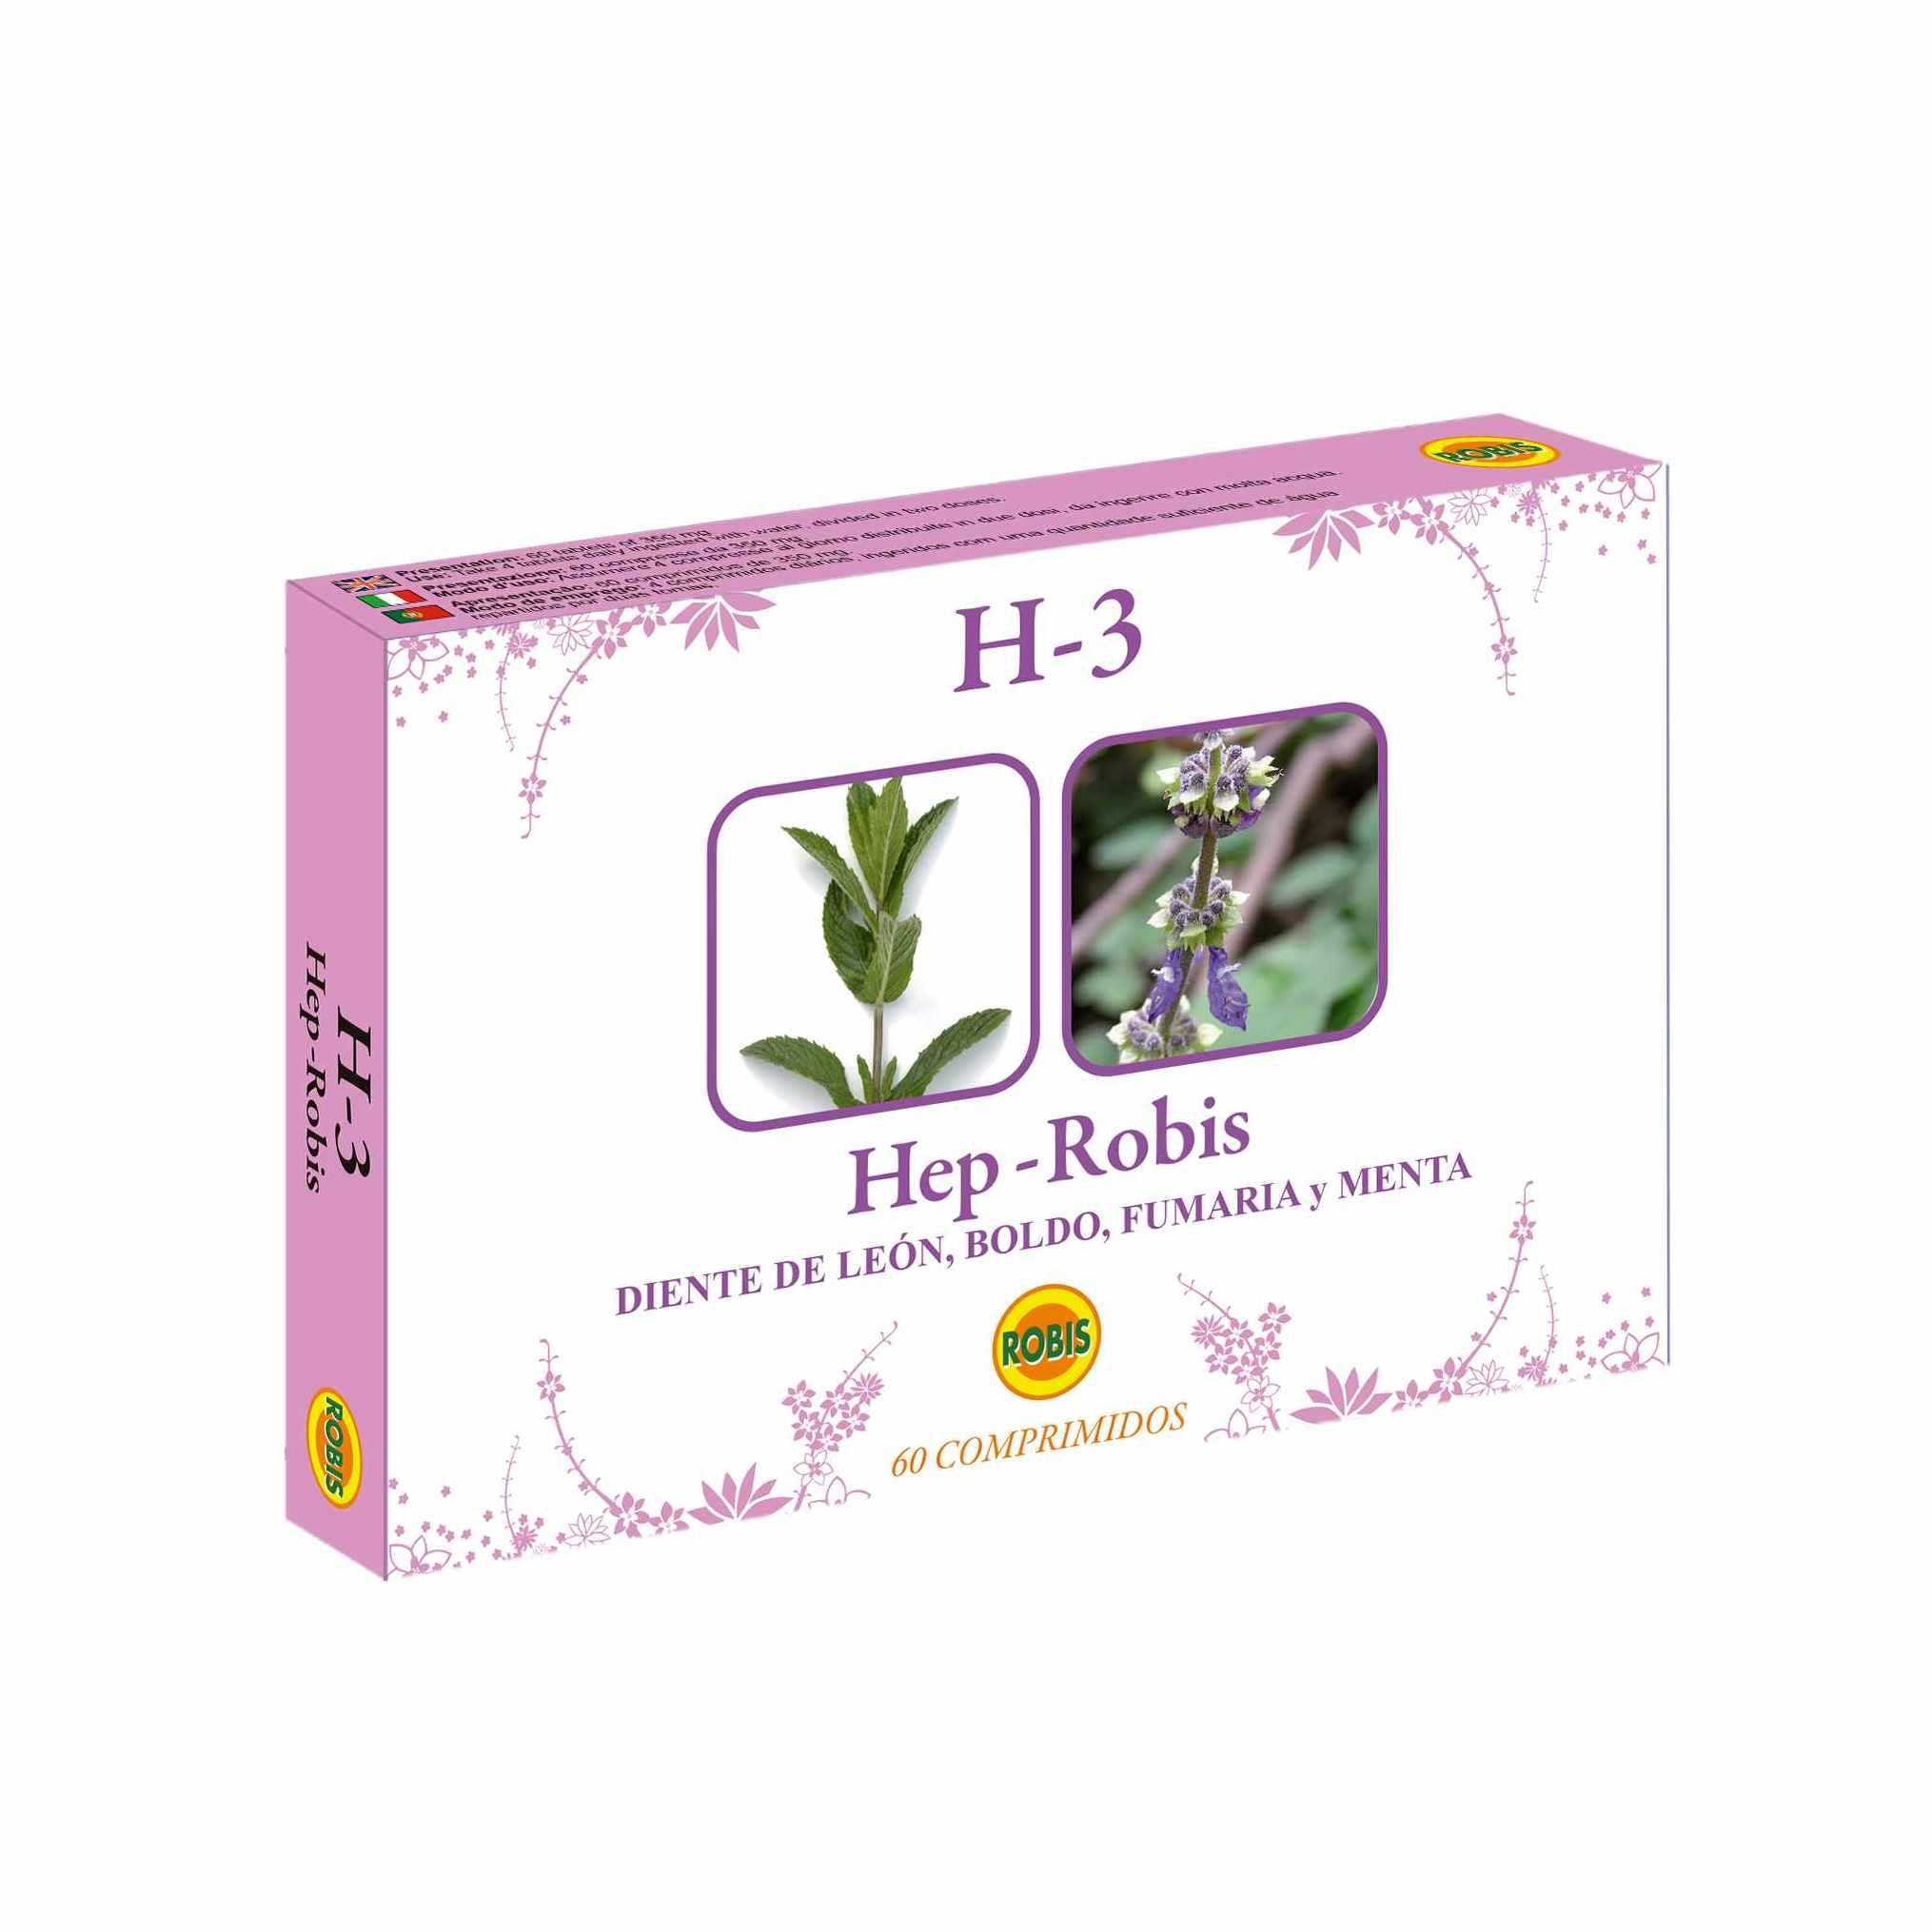 Hep-Robis H3